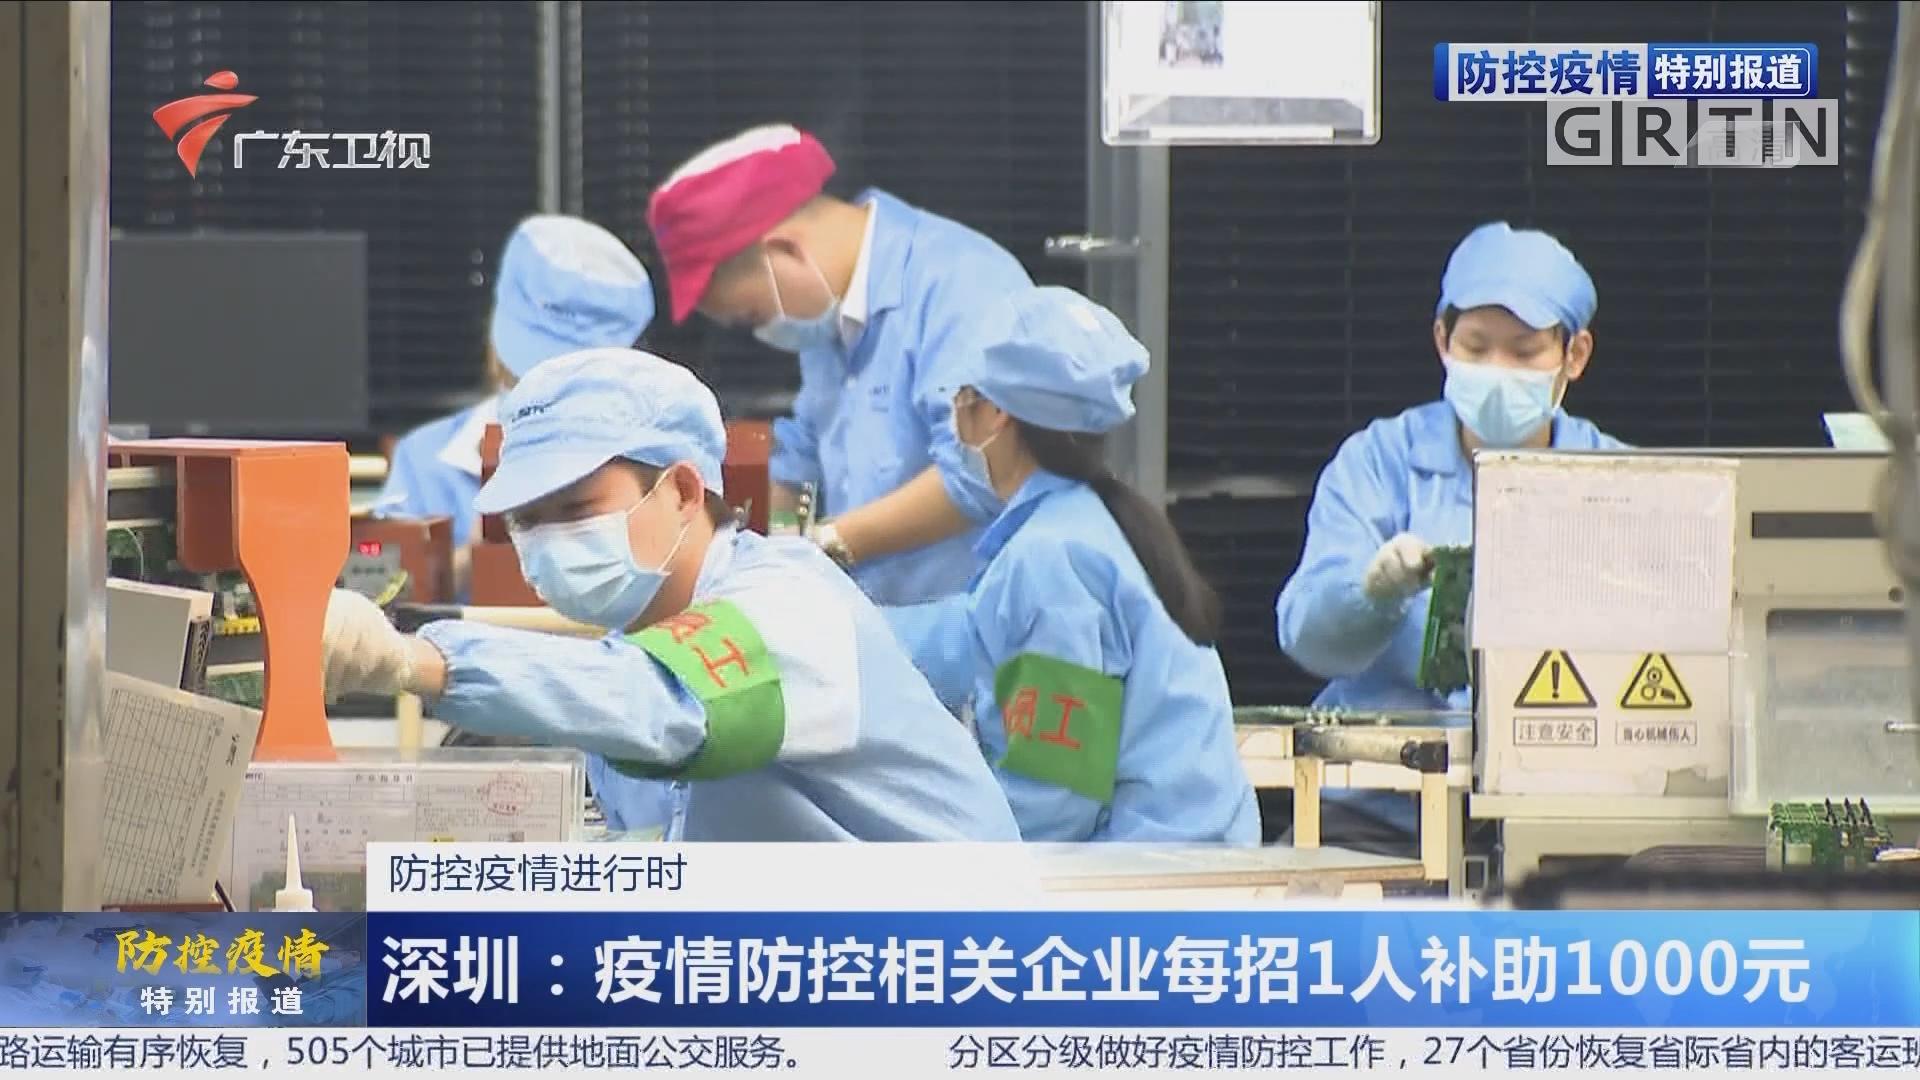 防控疫情进行时 深圳:疫情防控相关企业每招1人补助1000元